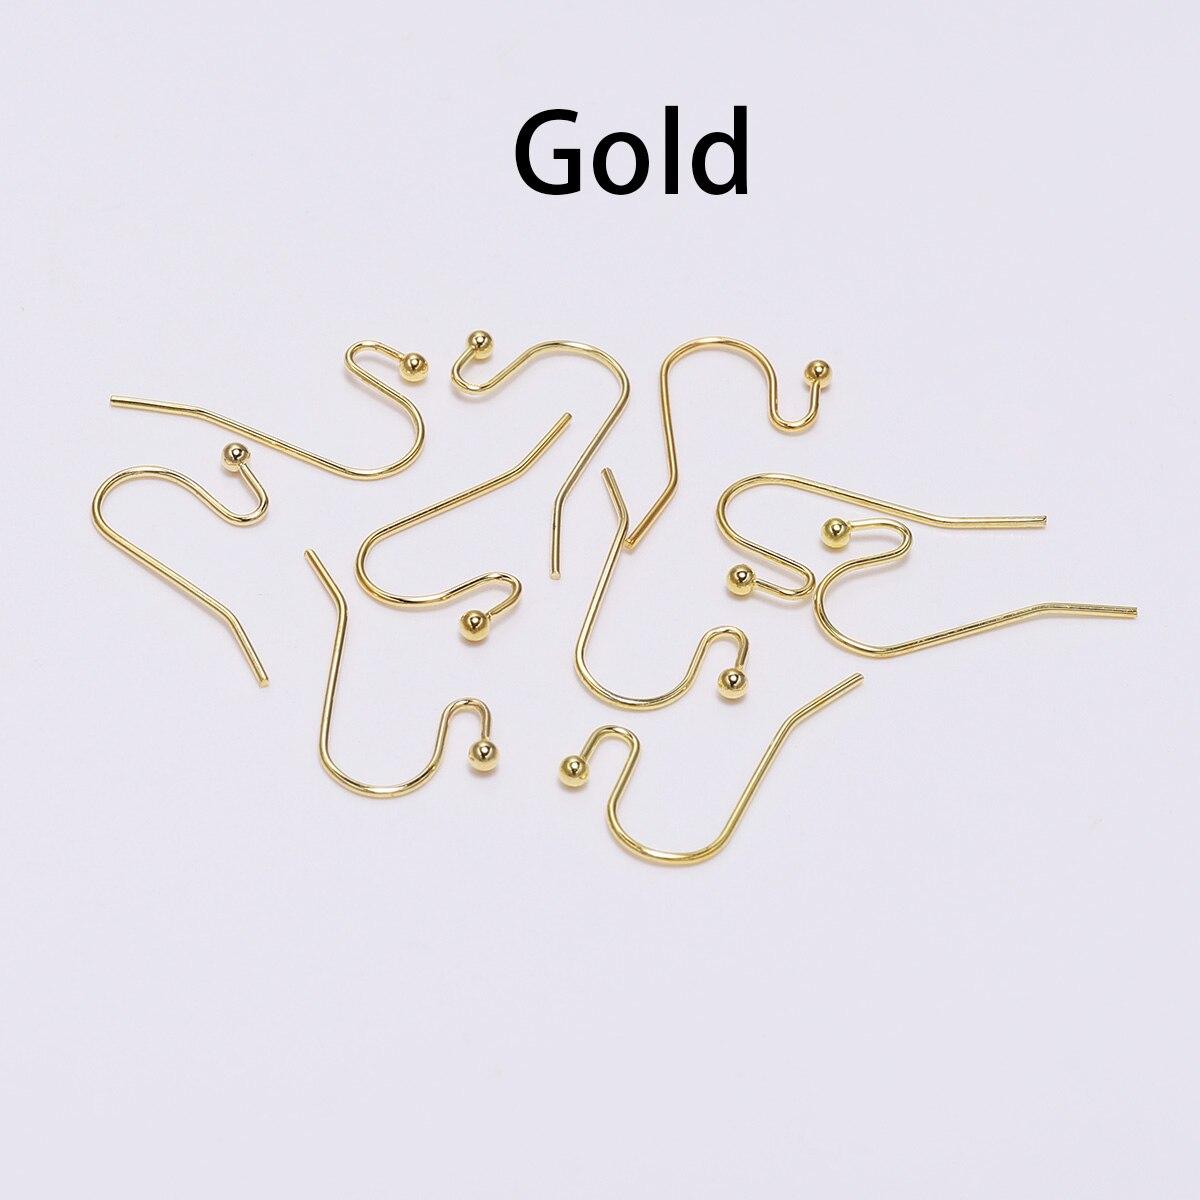 100 шт./лот, 21*16 мм, серебряные, золотые, бронзовые Крючки для сережек, застежки для самостоятельного изготовления ювелирных изделий - Цвет: Gold